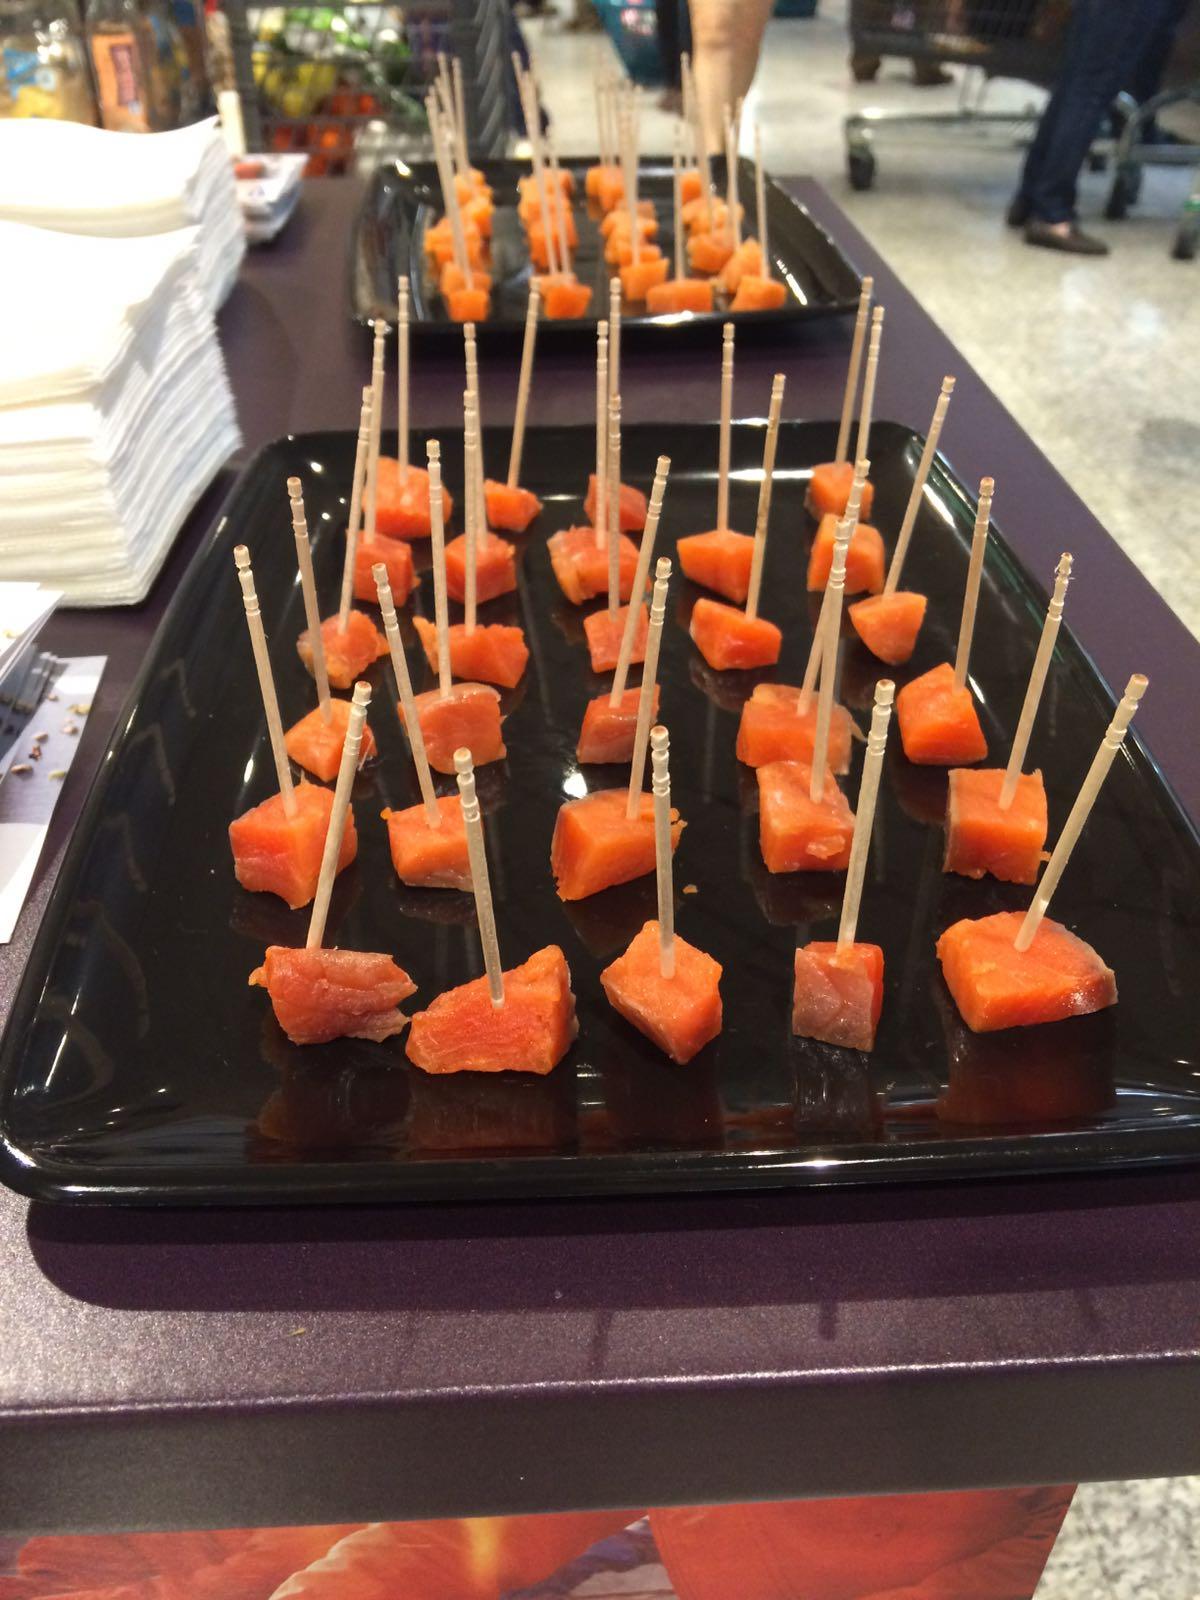 Cubed coho salmon